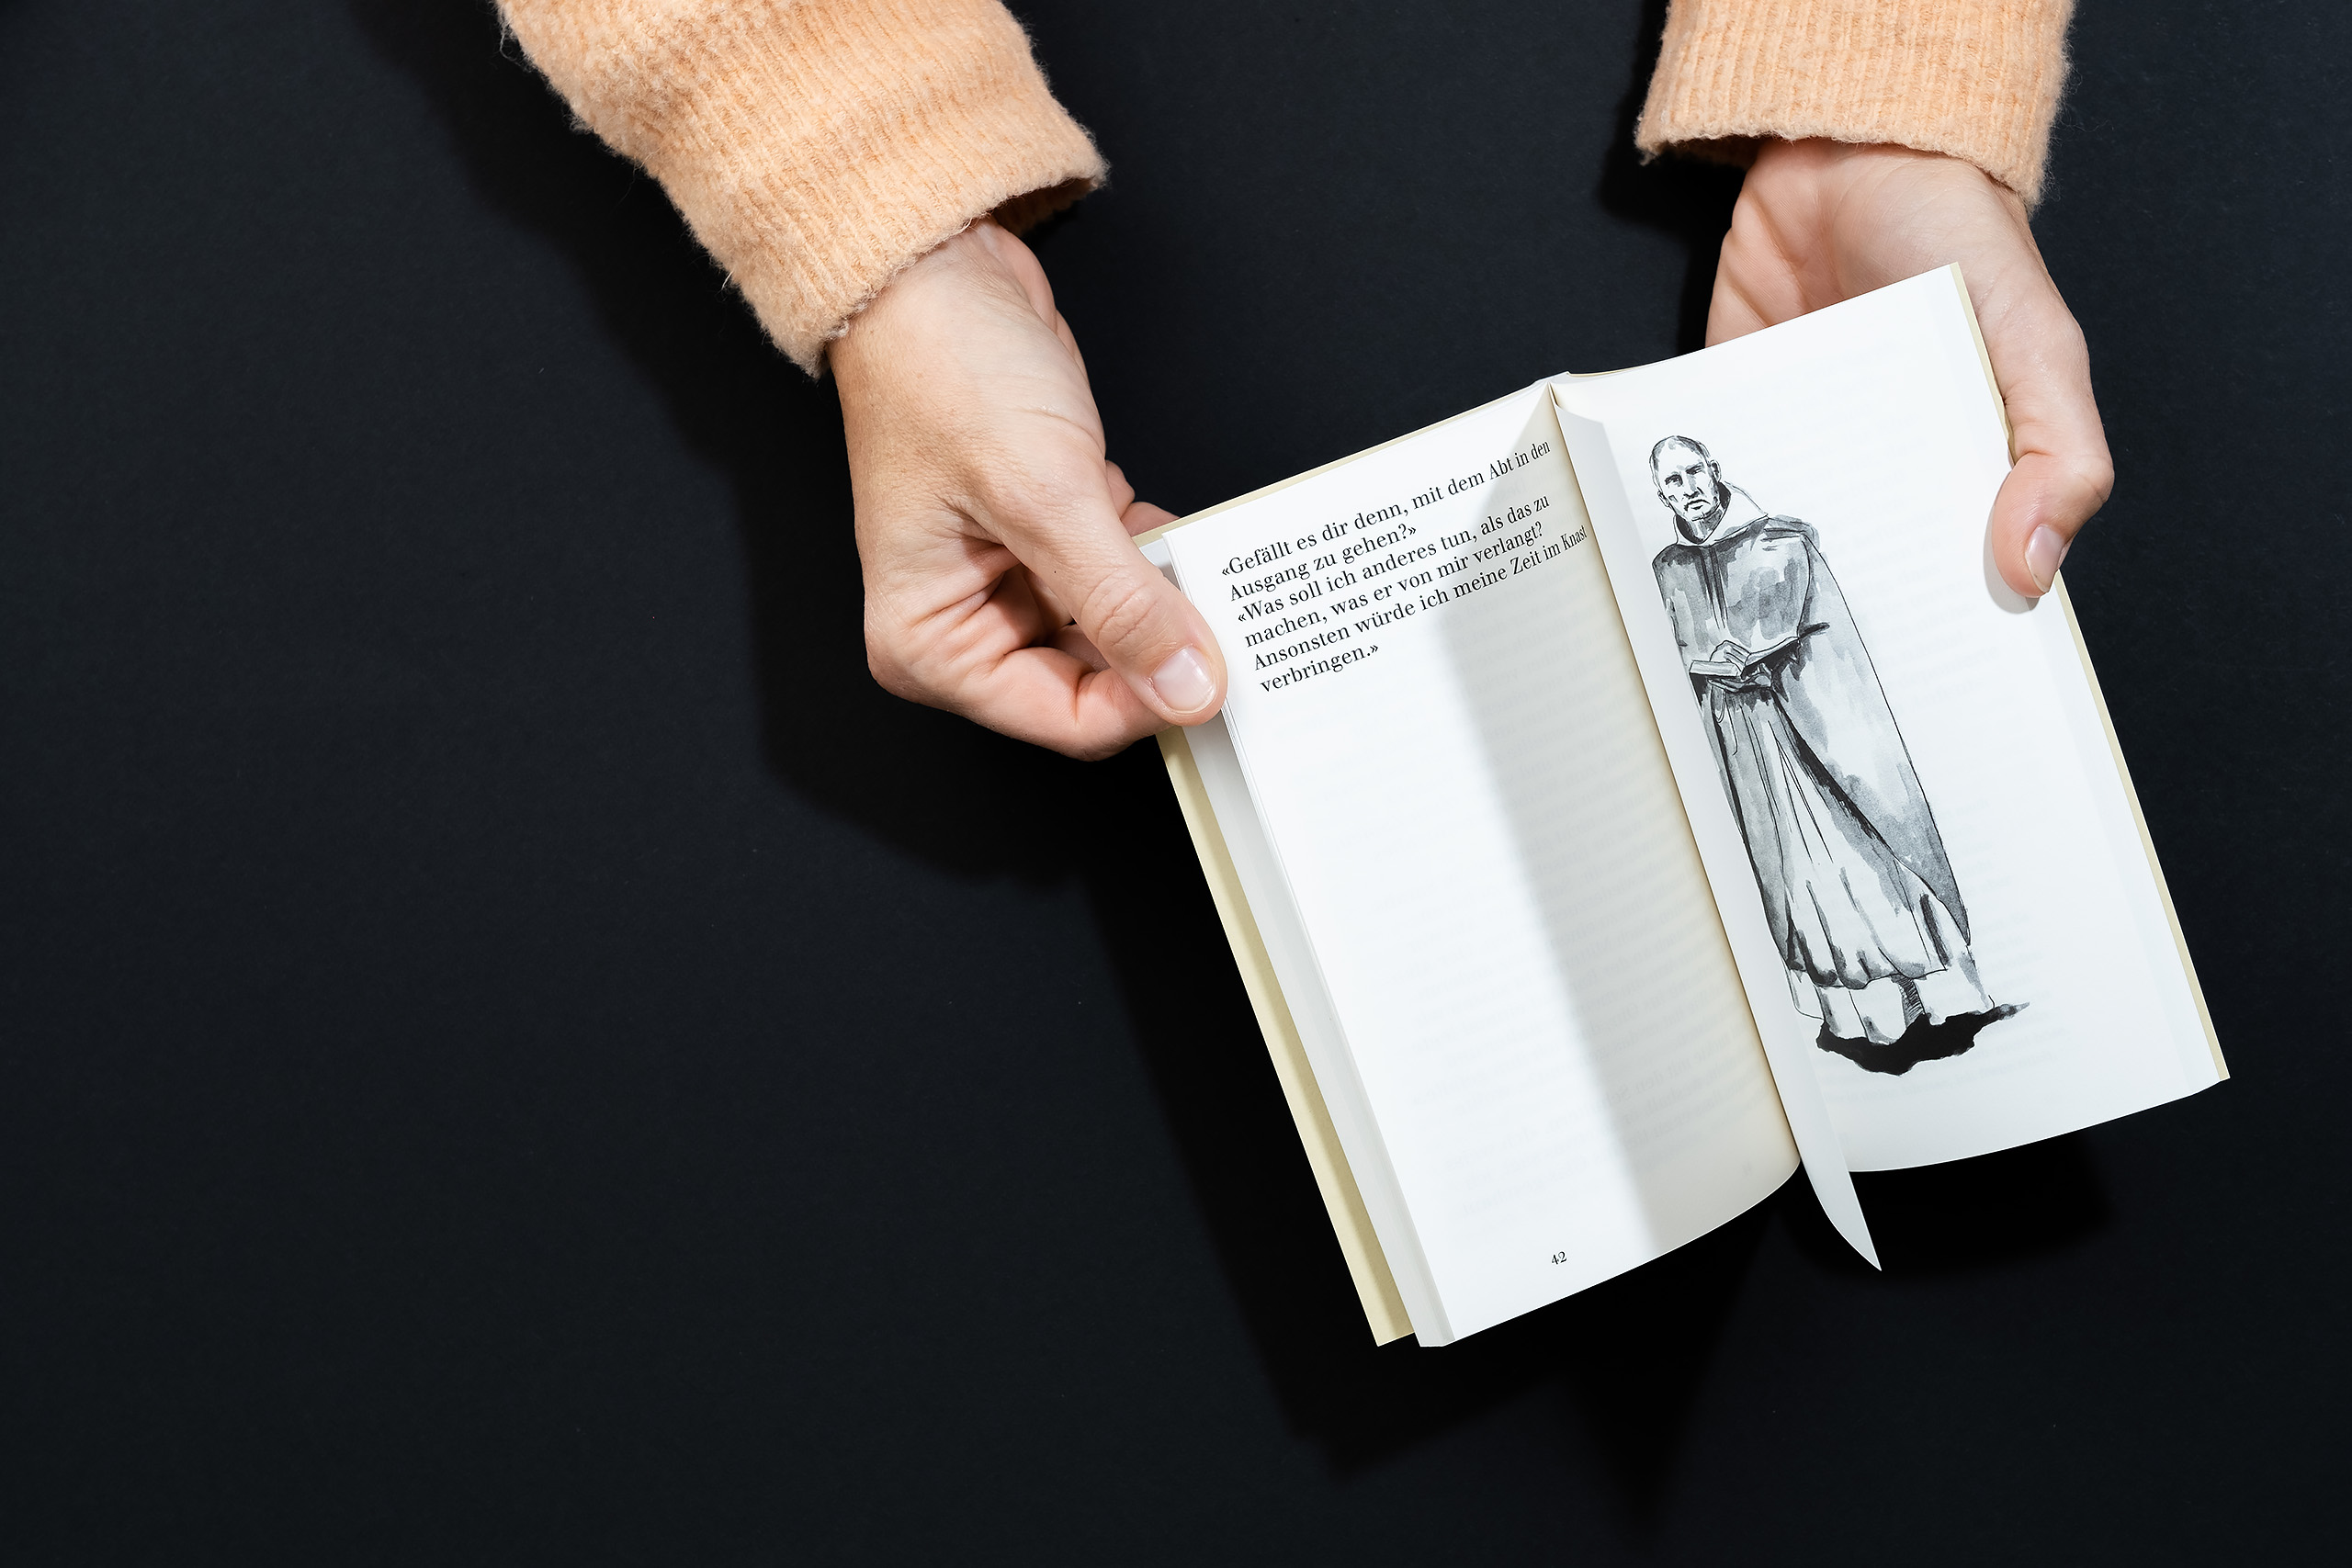 Melanie Brandel, Grafik Bern, Grafik Solothurn, Buchgestaltung, Editorialdesign, Typografie, pentaprim.ch, Daniel Stalder, David Bisang, Hinter den Klostermauern von Beatrice Häberli, Roman